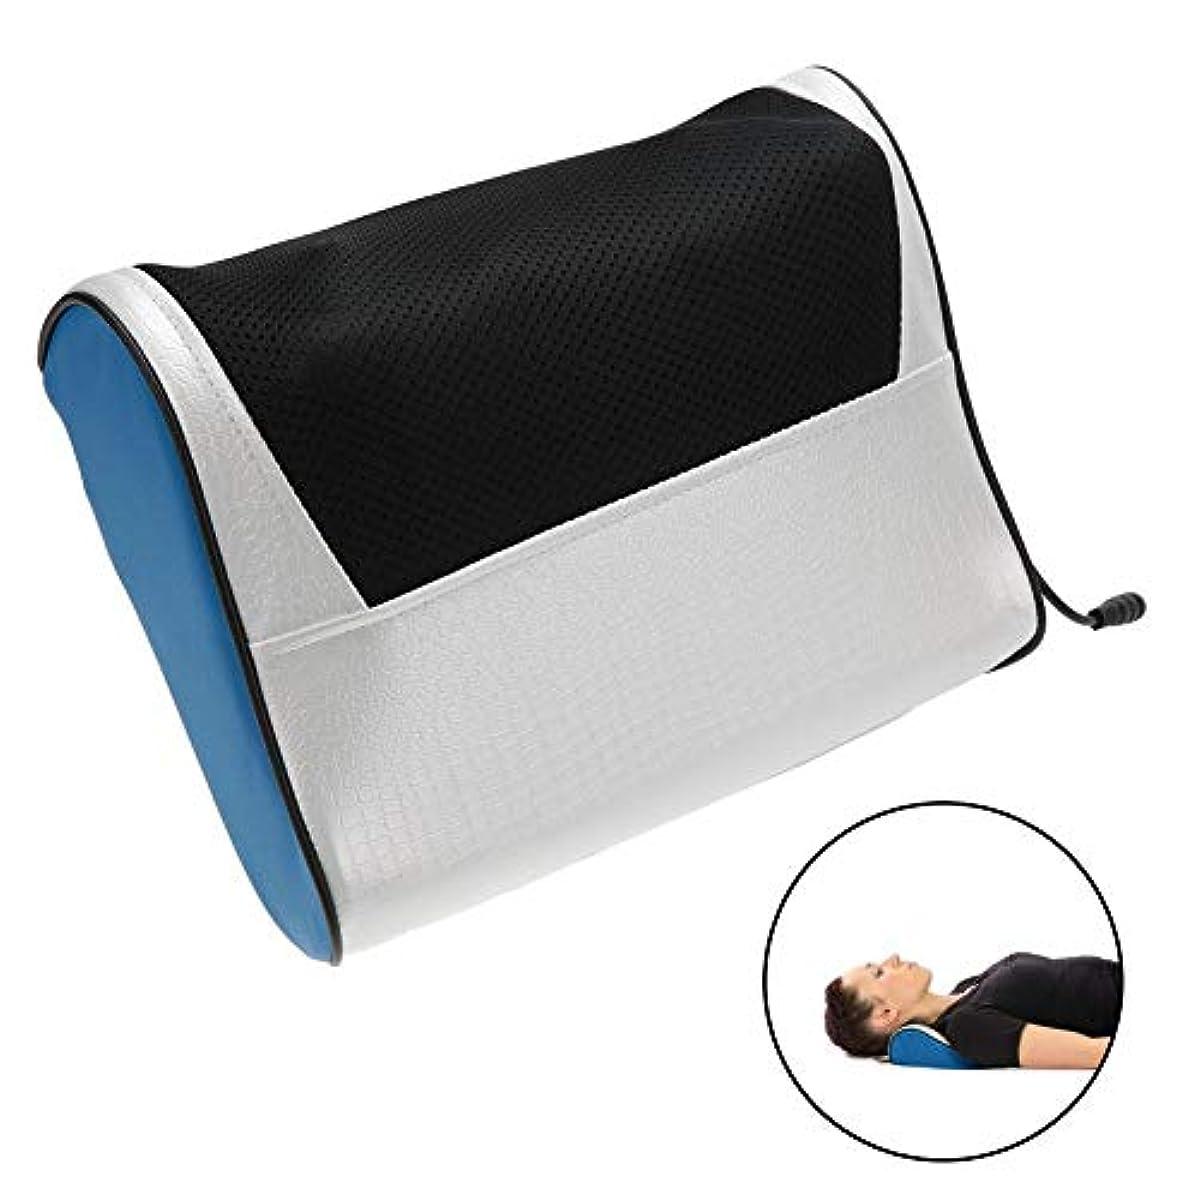 選択するくつろぎ旋律的指圧枕マッサージ、多機能電動ネックショルダーボディマッサージ枕熱疲労